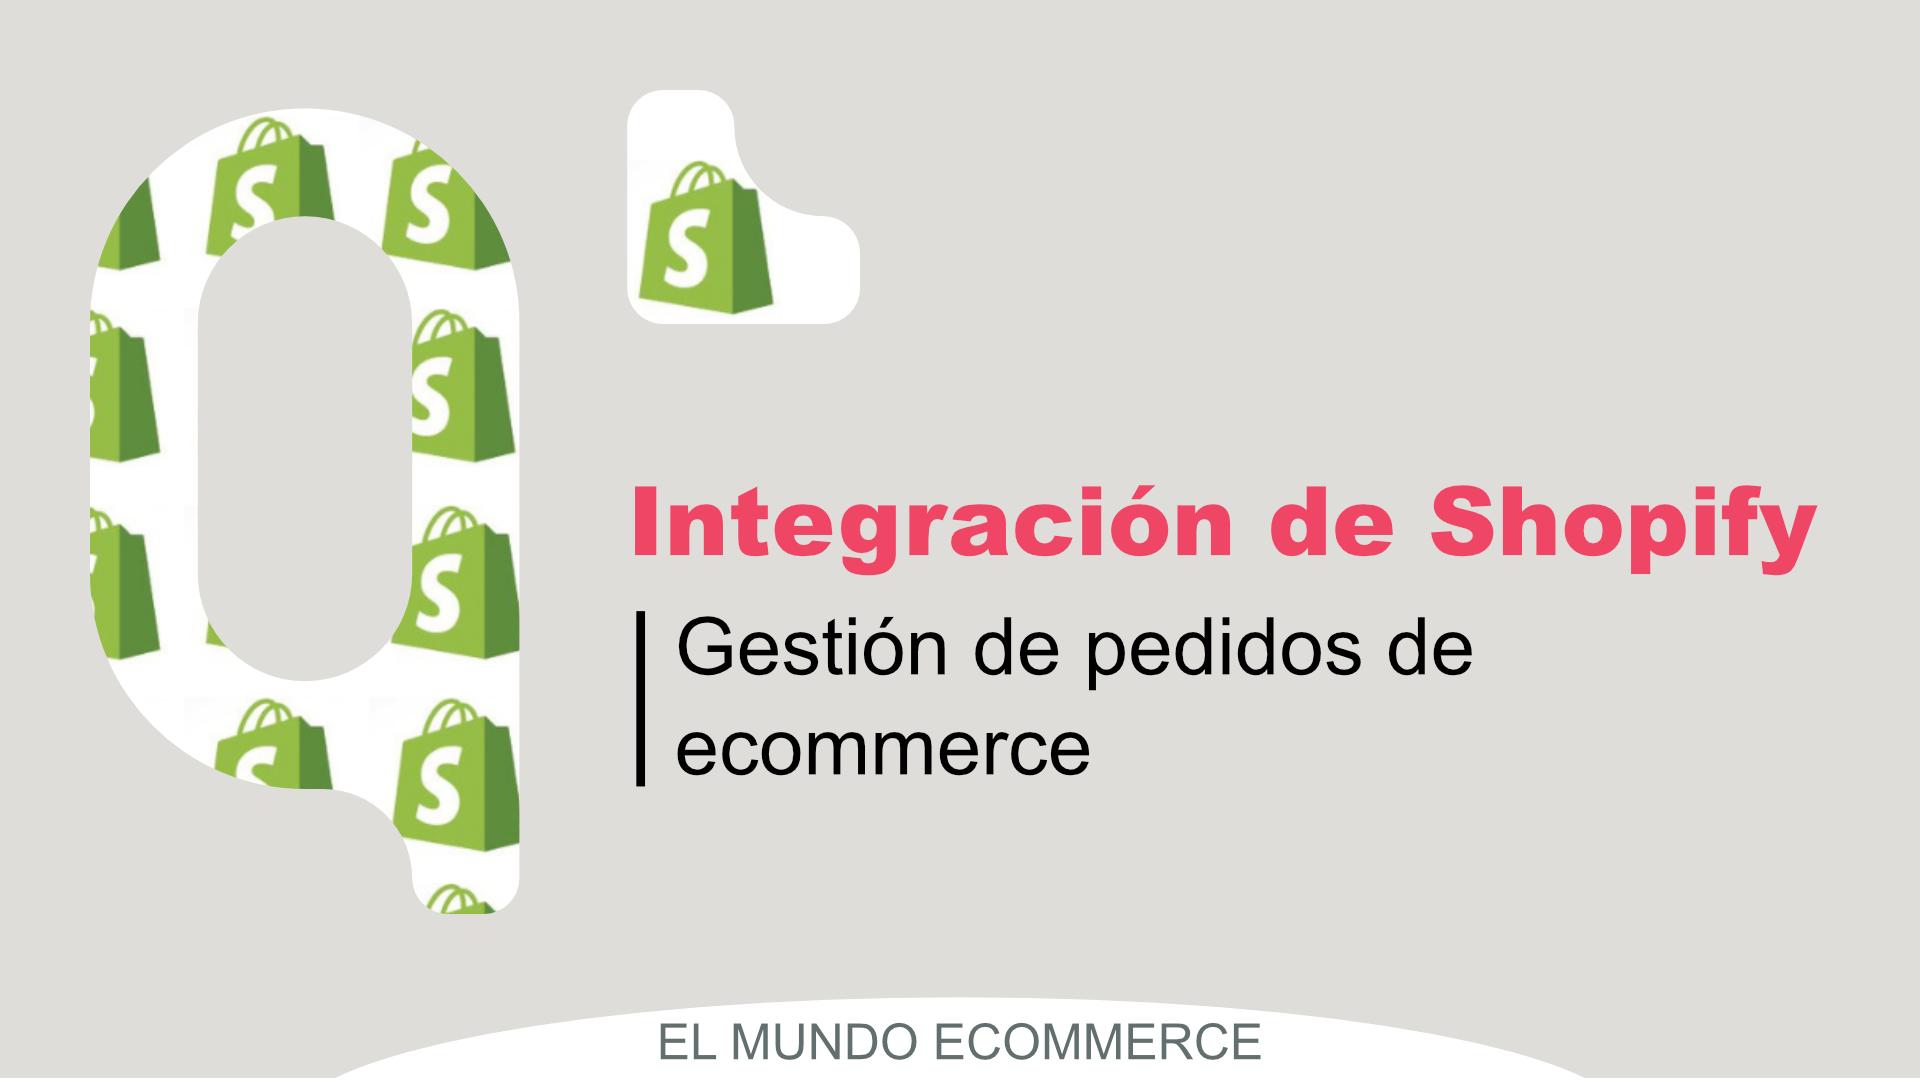 Integración de Shopify para la gestión de pedidos